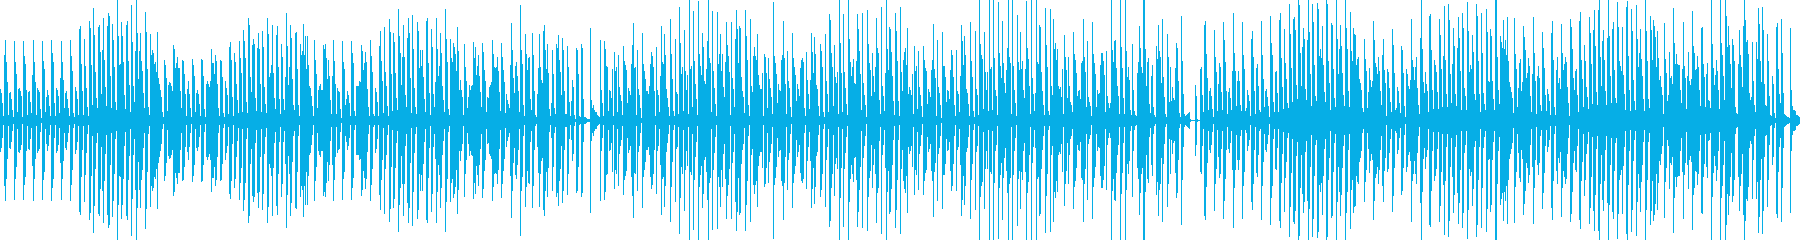 ■ピアノ・鉄琴・ほのぼの・日常・散歩の再生済みの波形